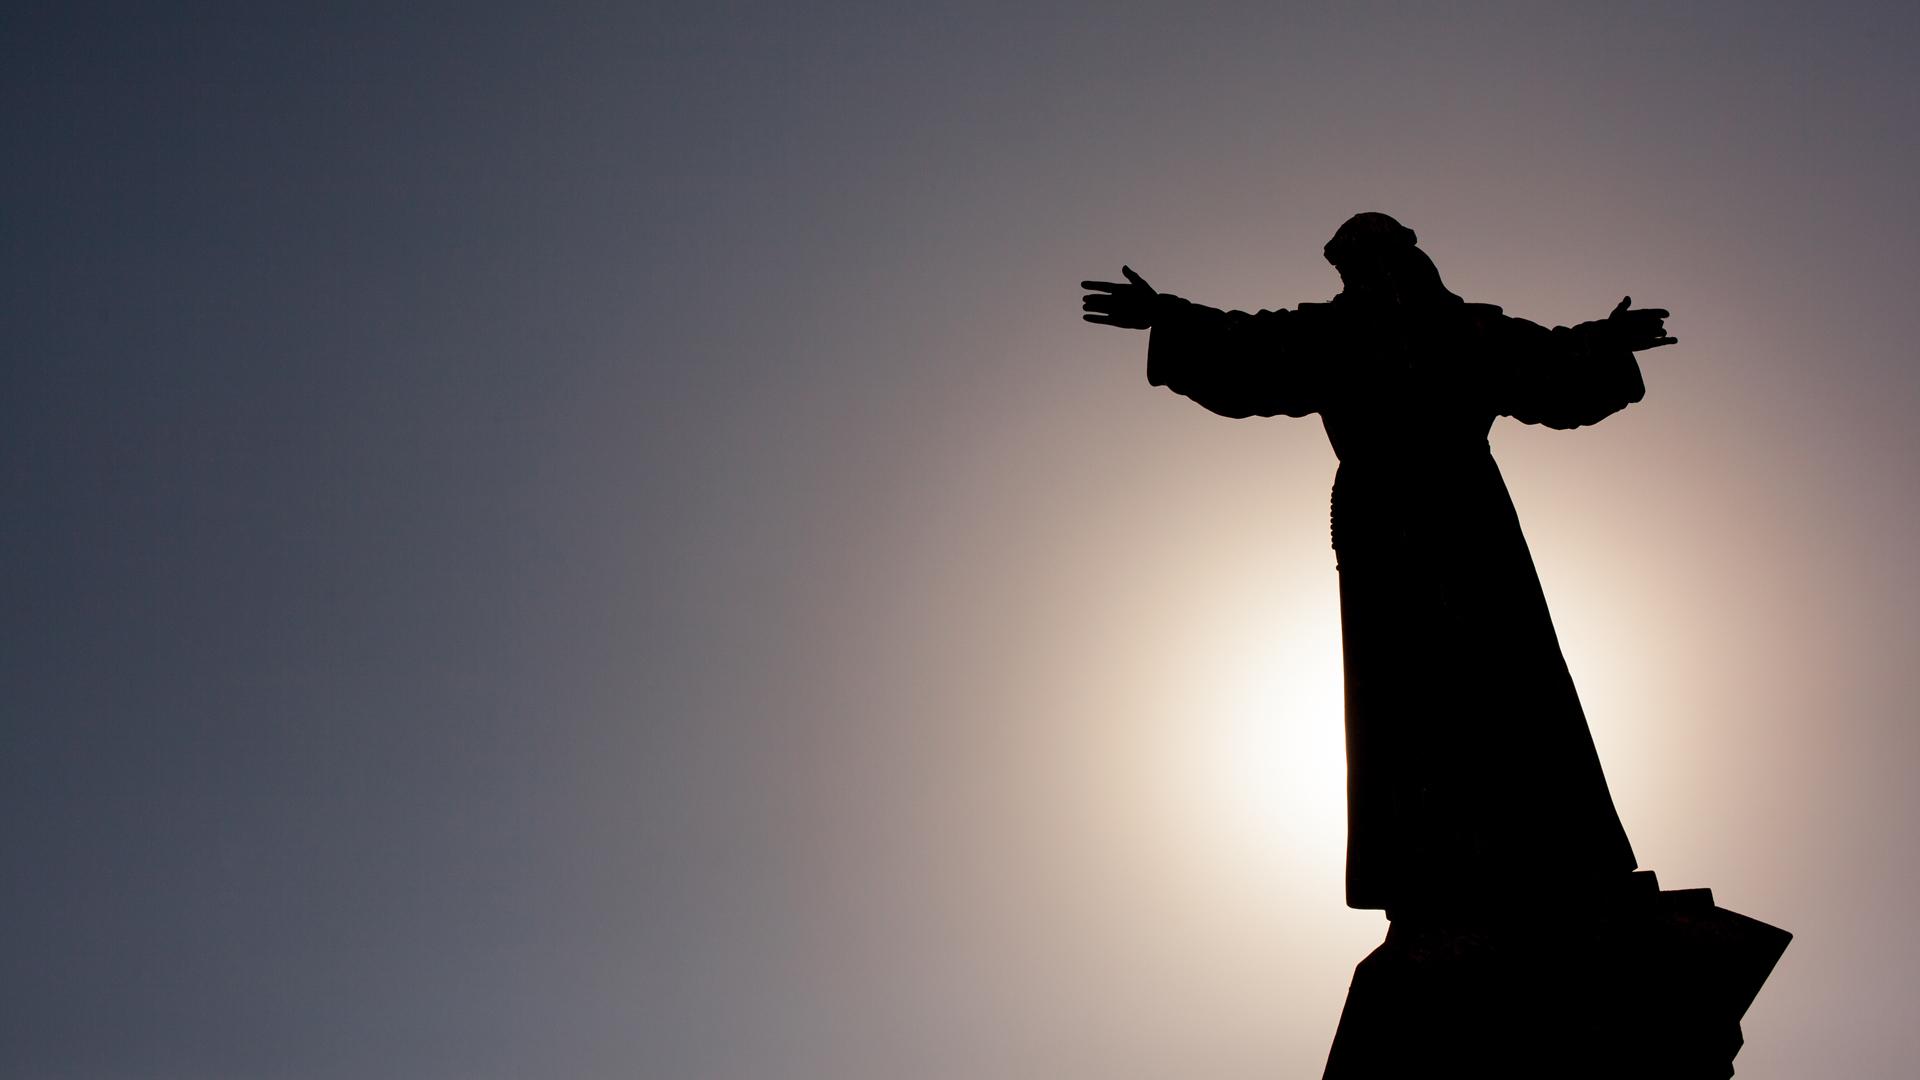 """""""Wir haben ihn gesehn, er gab uns zu verstehn: Weil er der Sieger ist, wird das Leben weitergehn"""", heißt es in einer Osterkantate von Michael Wittig"""